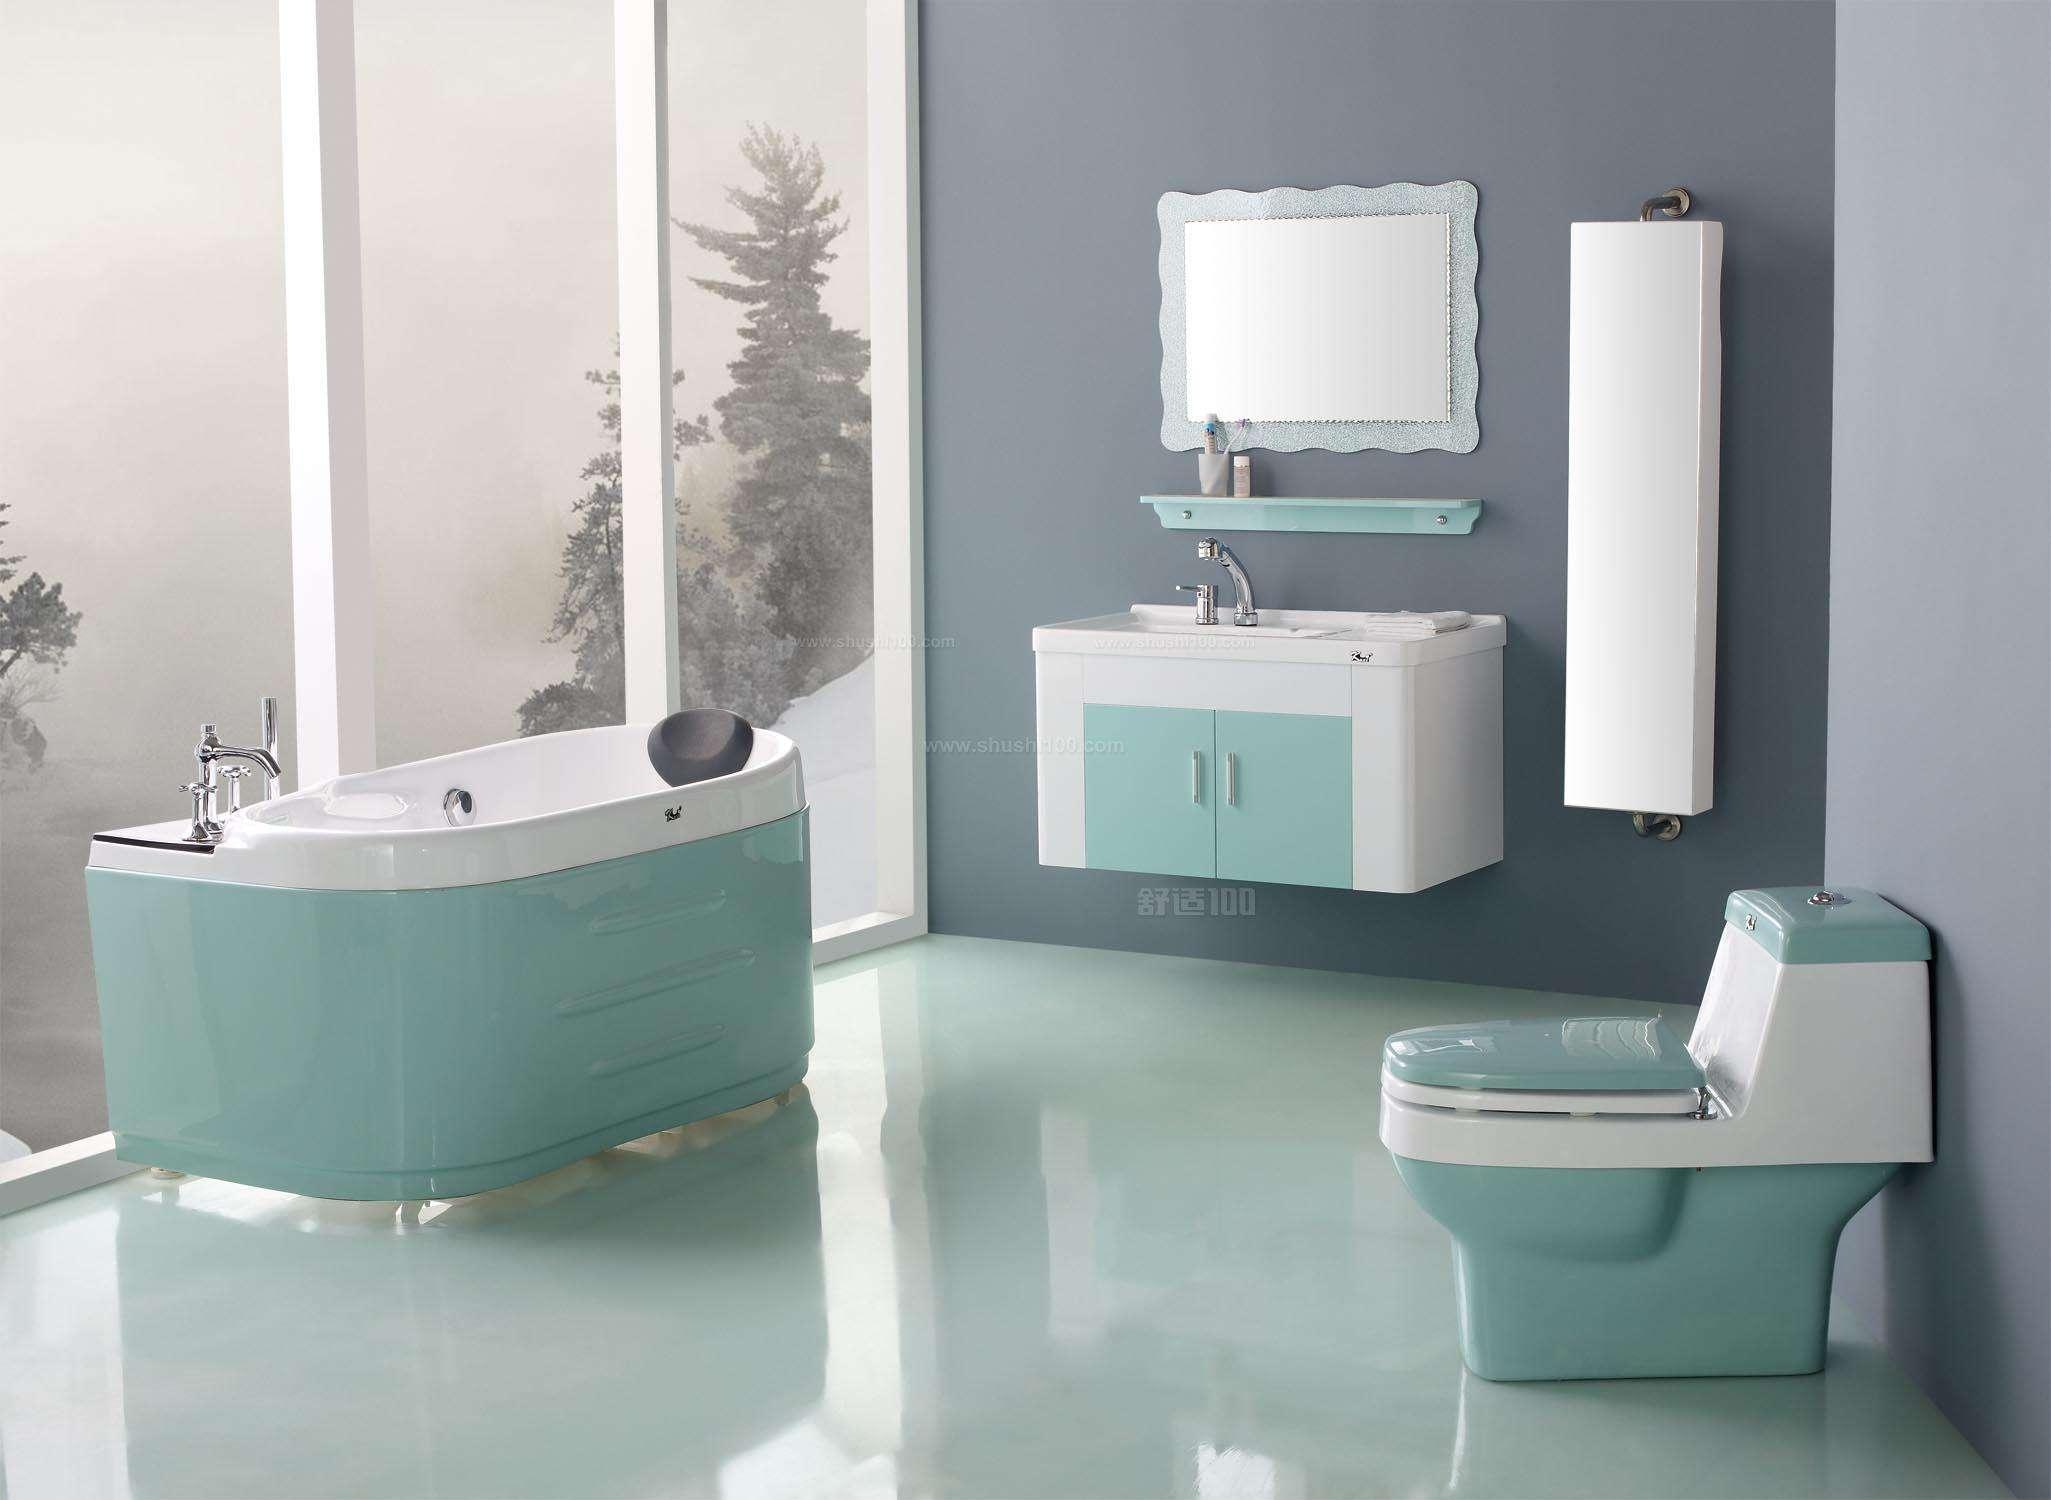 卫生间洁具安装-热水器安装-重庆千瑞装饰工程有限公司